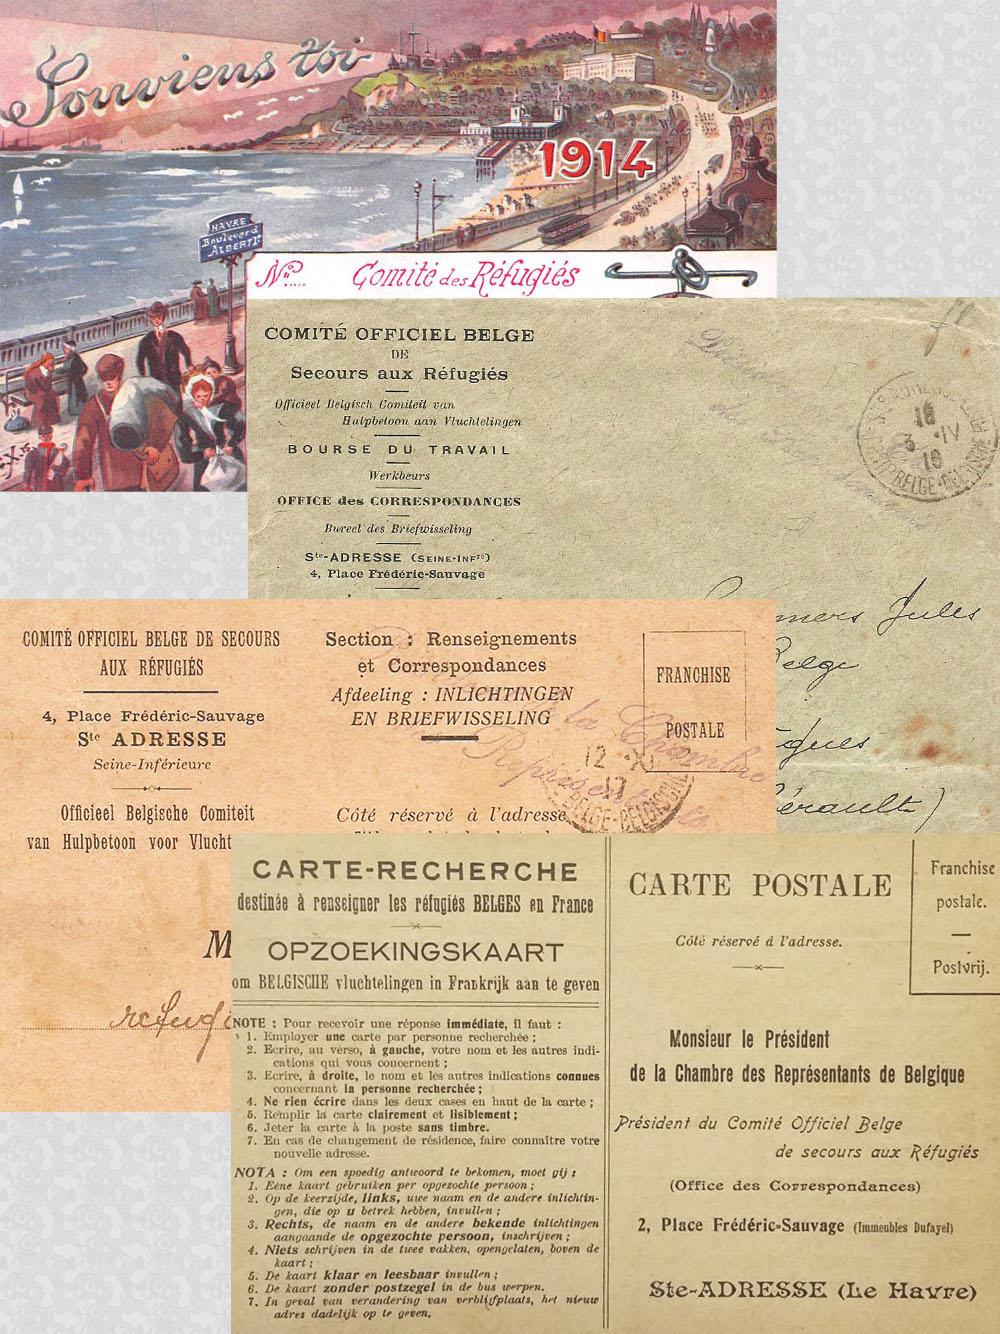 comité officiel belge montage missives 1914